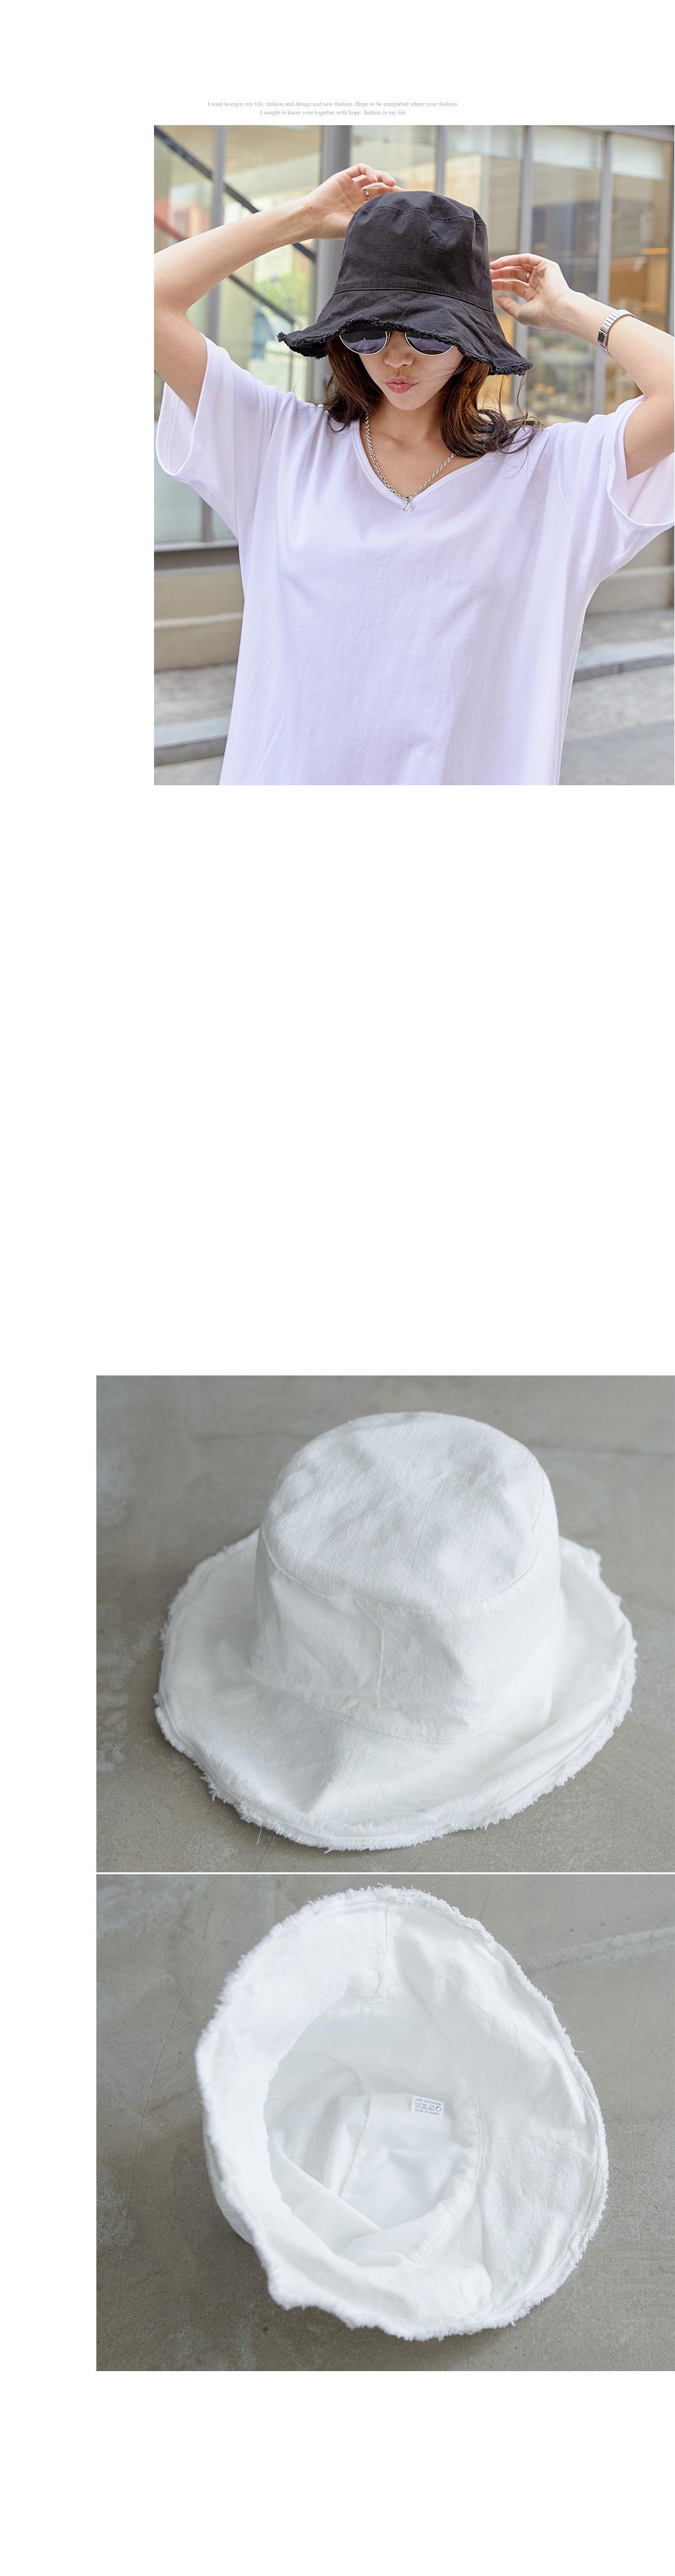 Simple Vintage Bungee Hat #85181